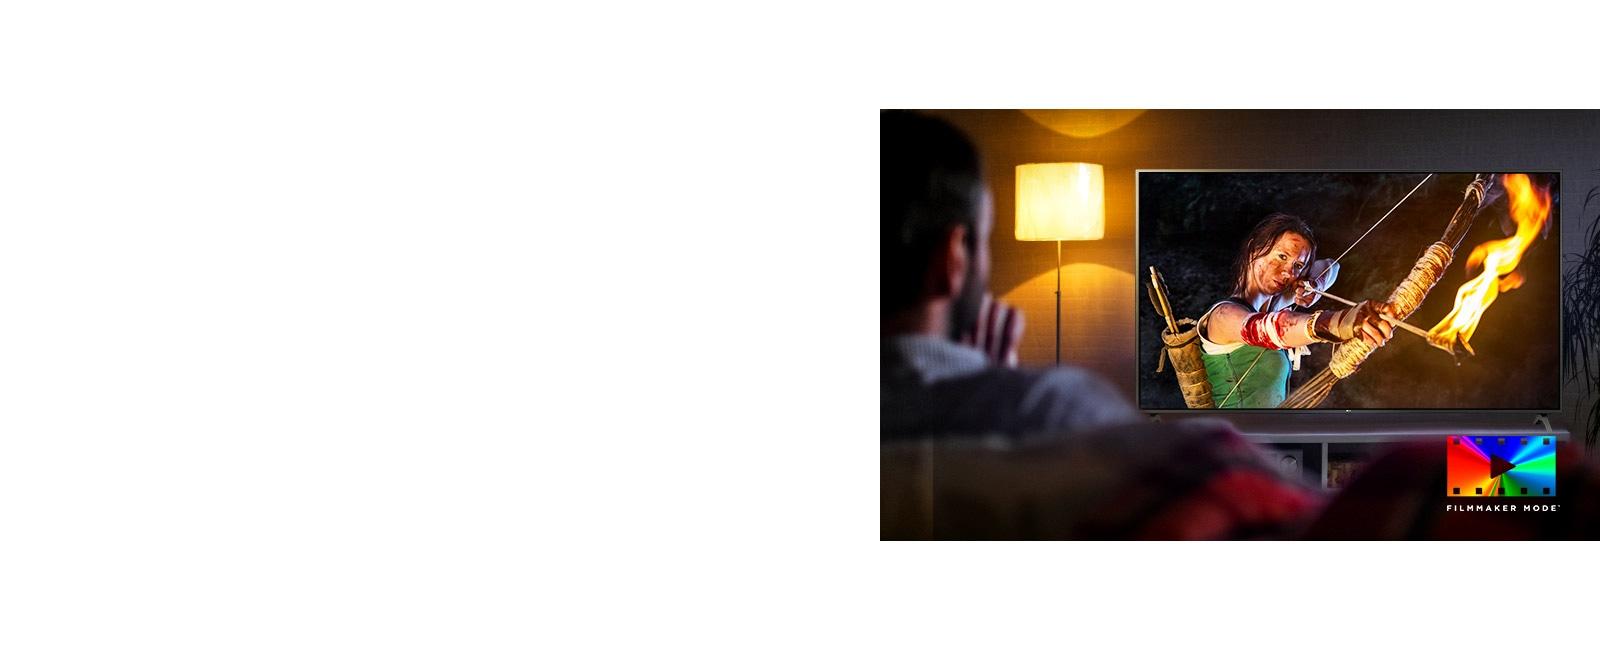 Moški sedi na kavču in gleda akcijski film. Deklica na televizorju ima popolnoma iztegnjen lok in puščico.